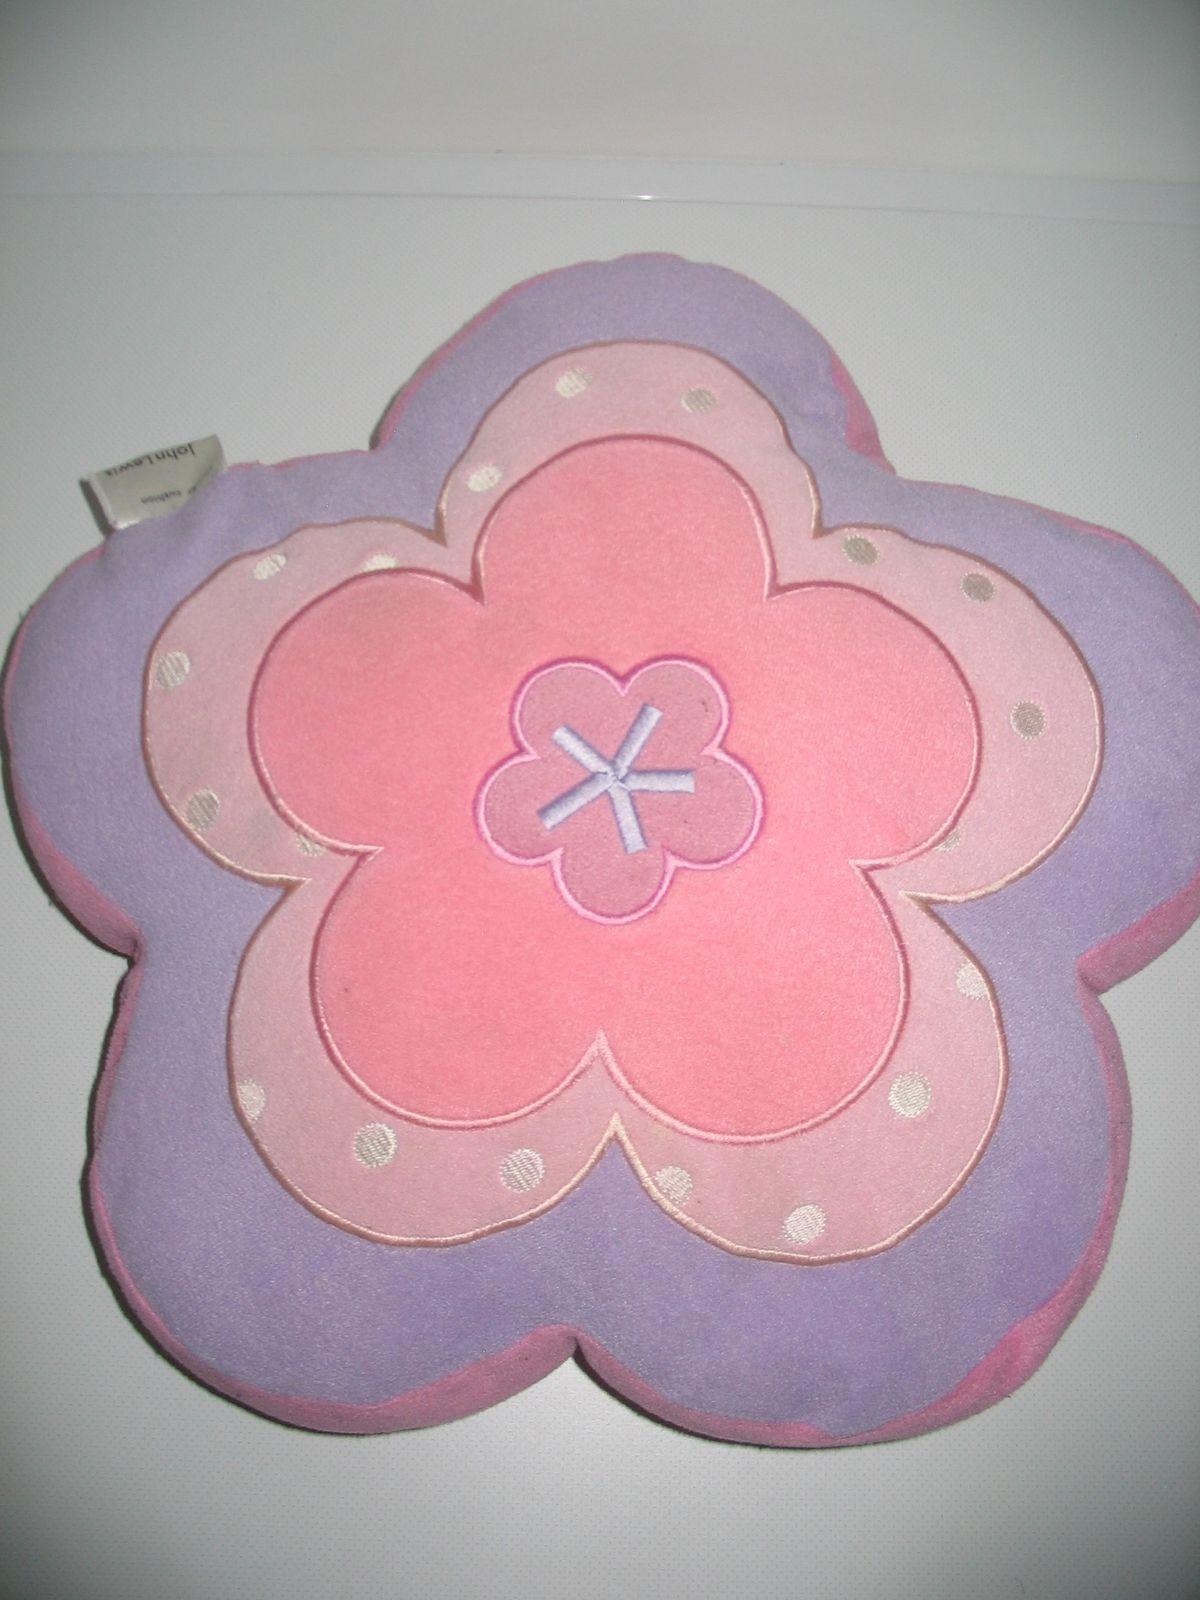 ... Virág formájú rózsaszín-lila kétoldalú plüss párna ... 91a3db0719